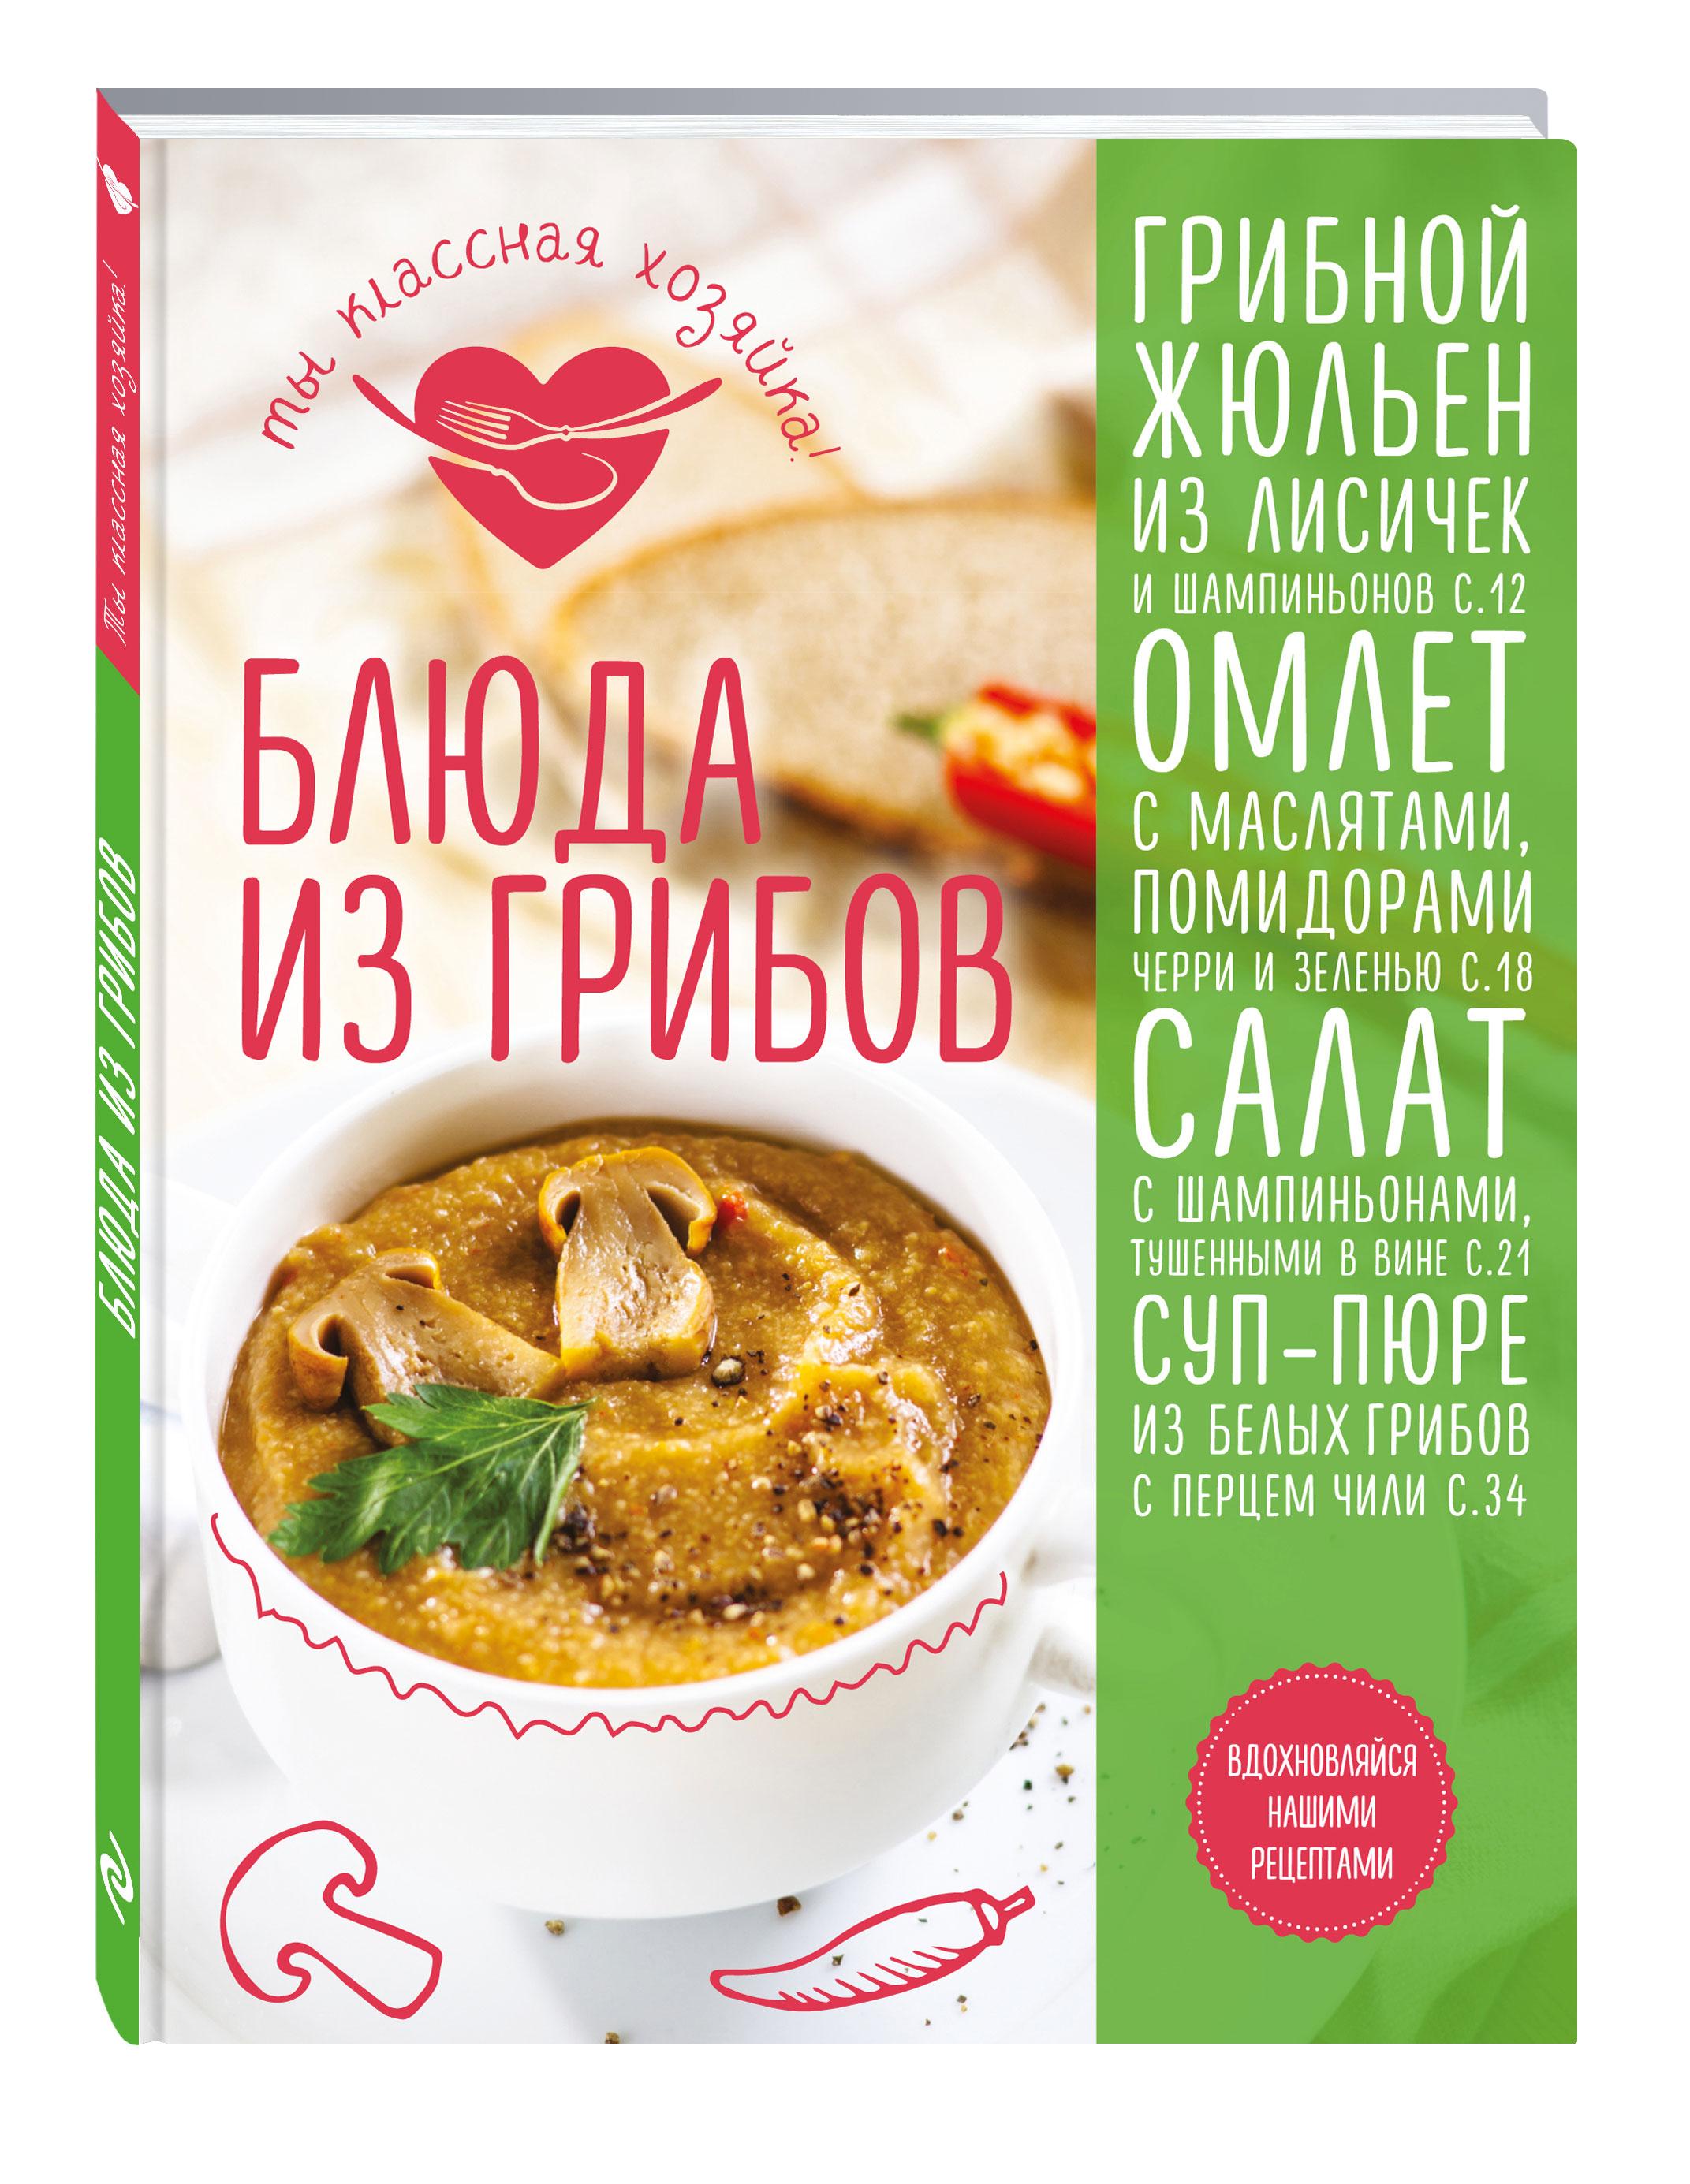 Блюда из грибов в каком российском банке можно купить американскую мелочь